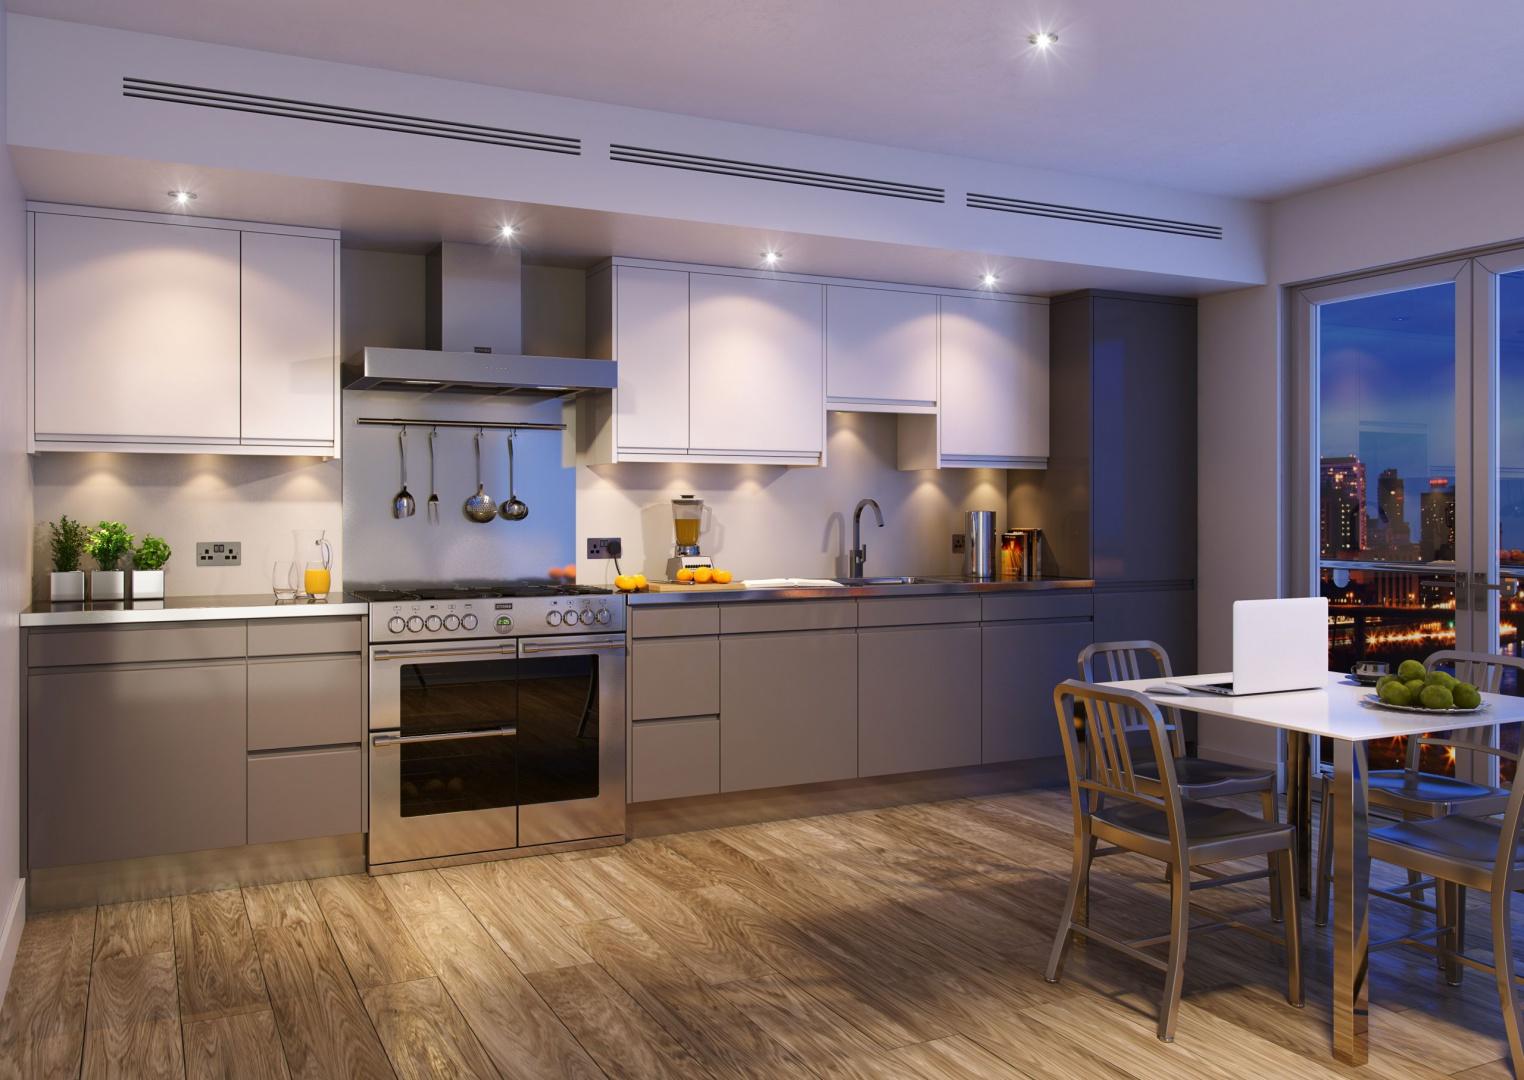 Nowoczesna kuchnia eleganckie AGD w stylu angielskim   -> Nowoczesna I Klasyczna Kuchnia